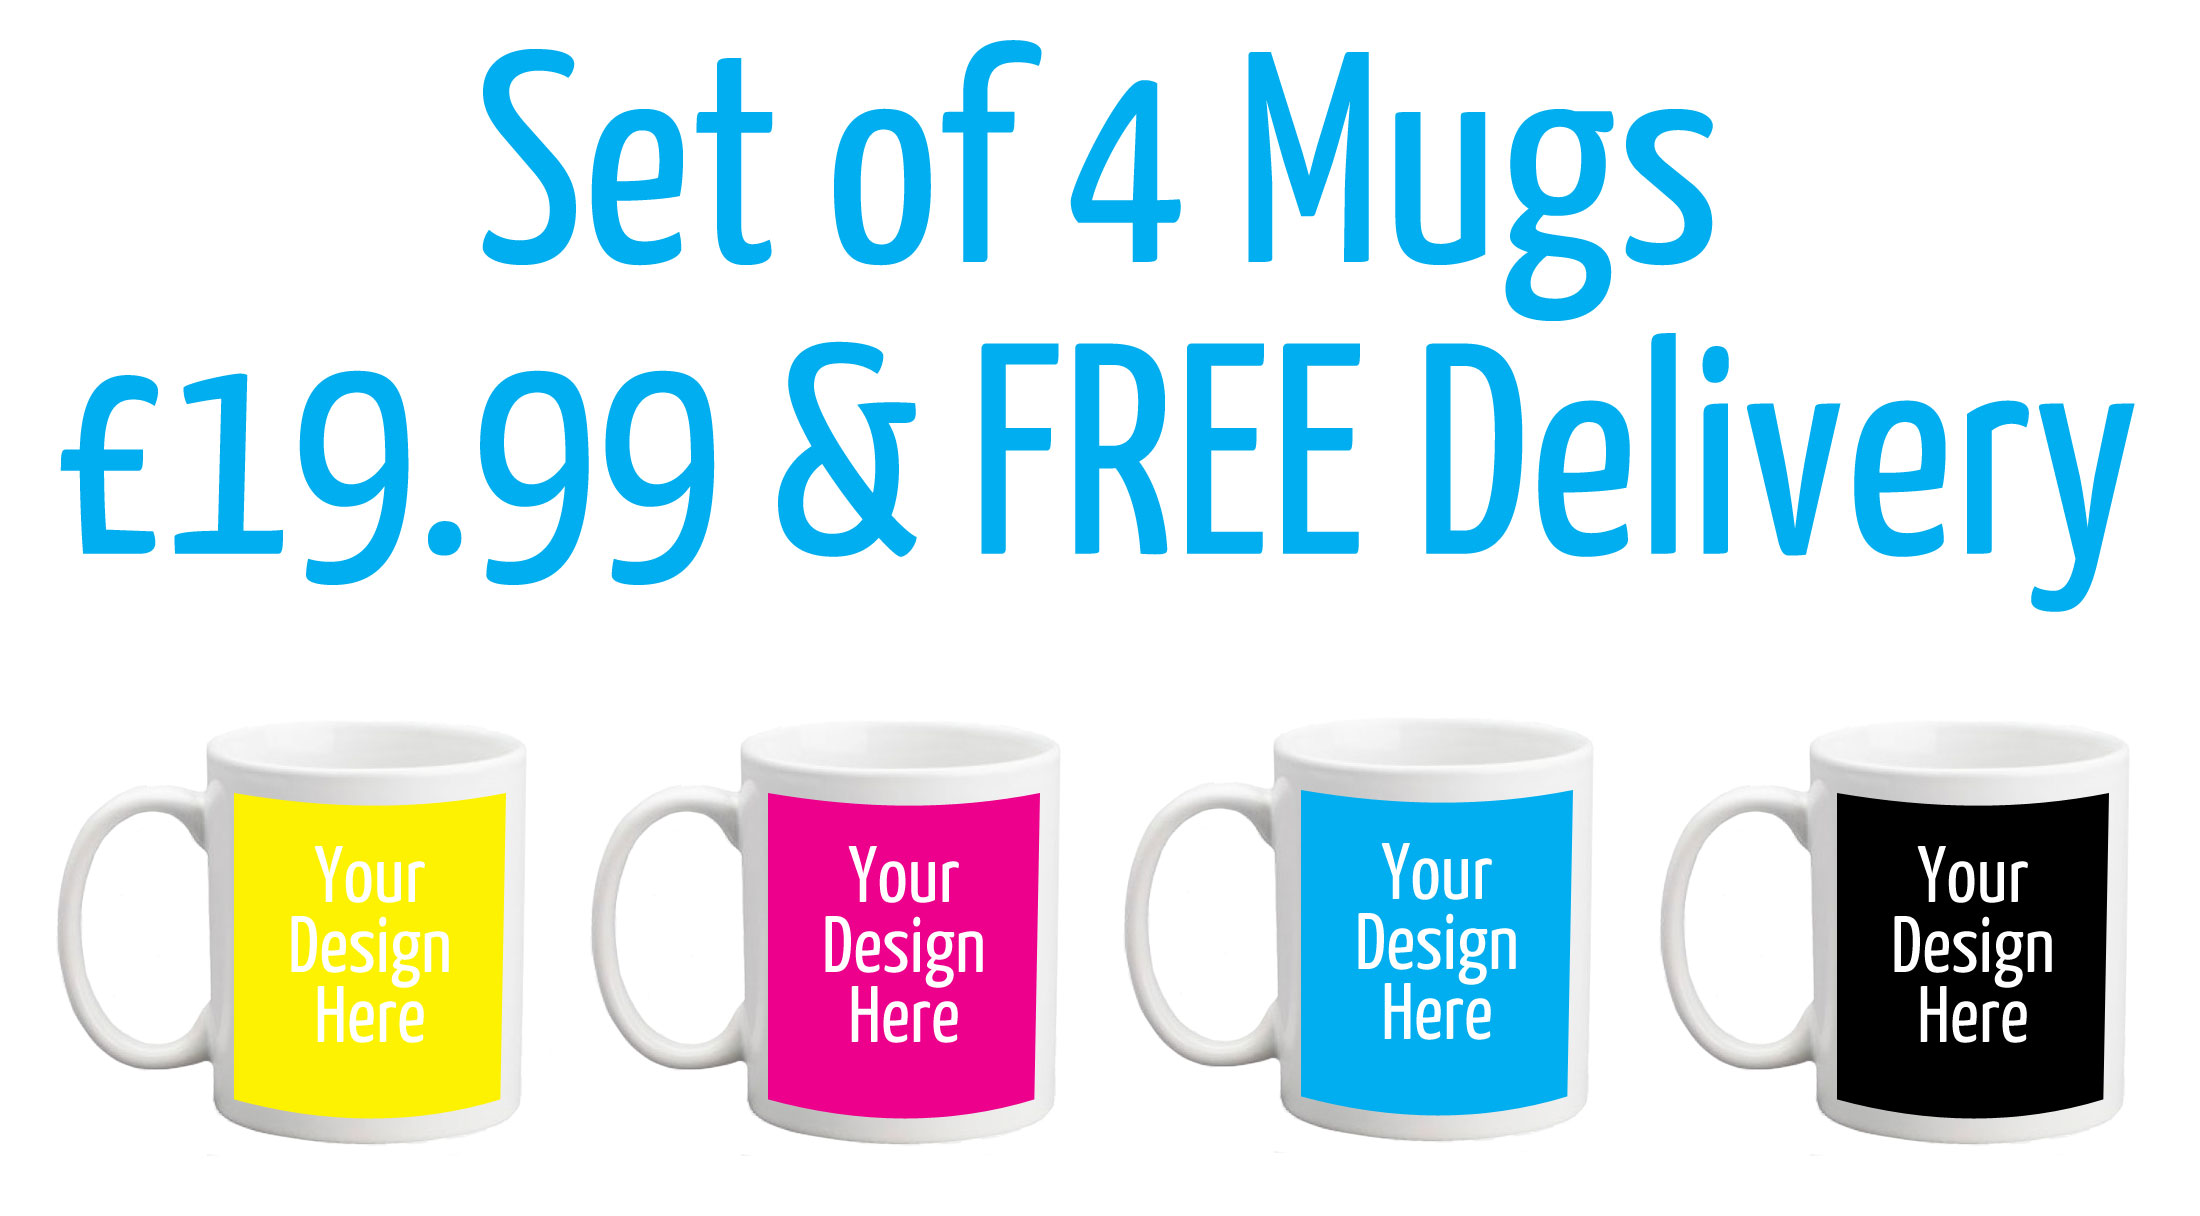 Mug set offer